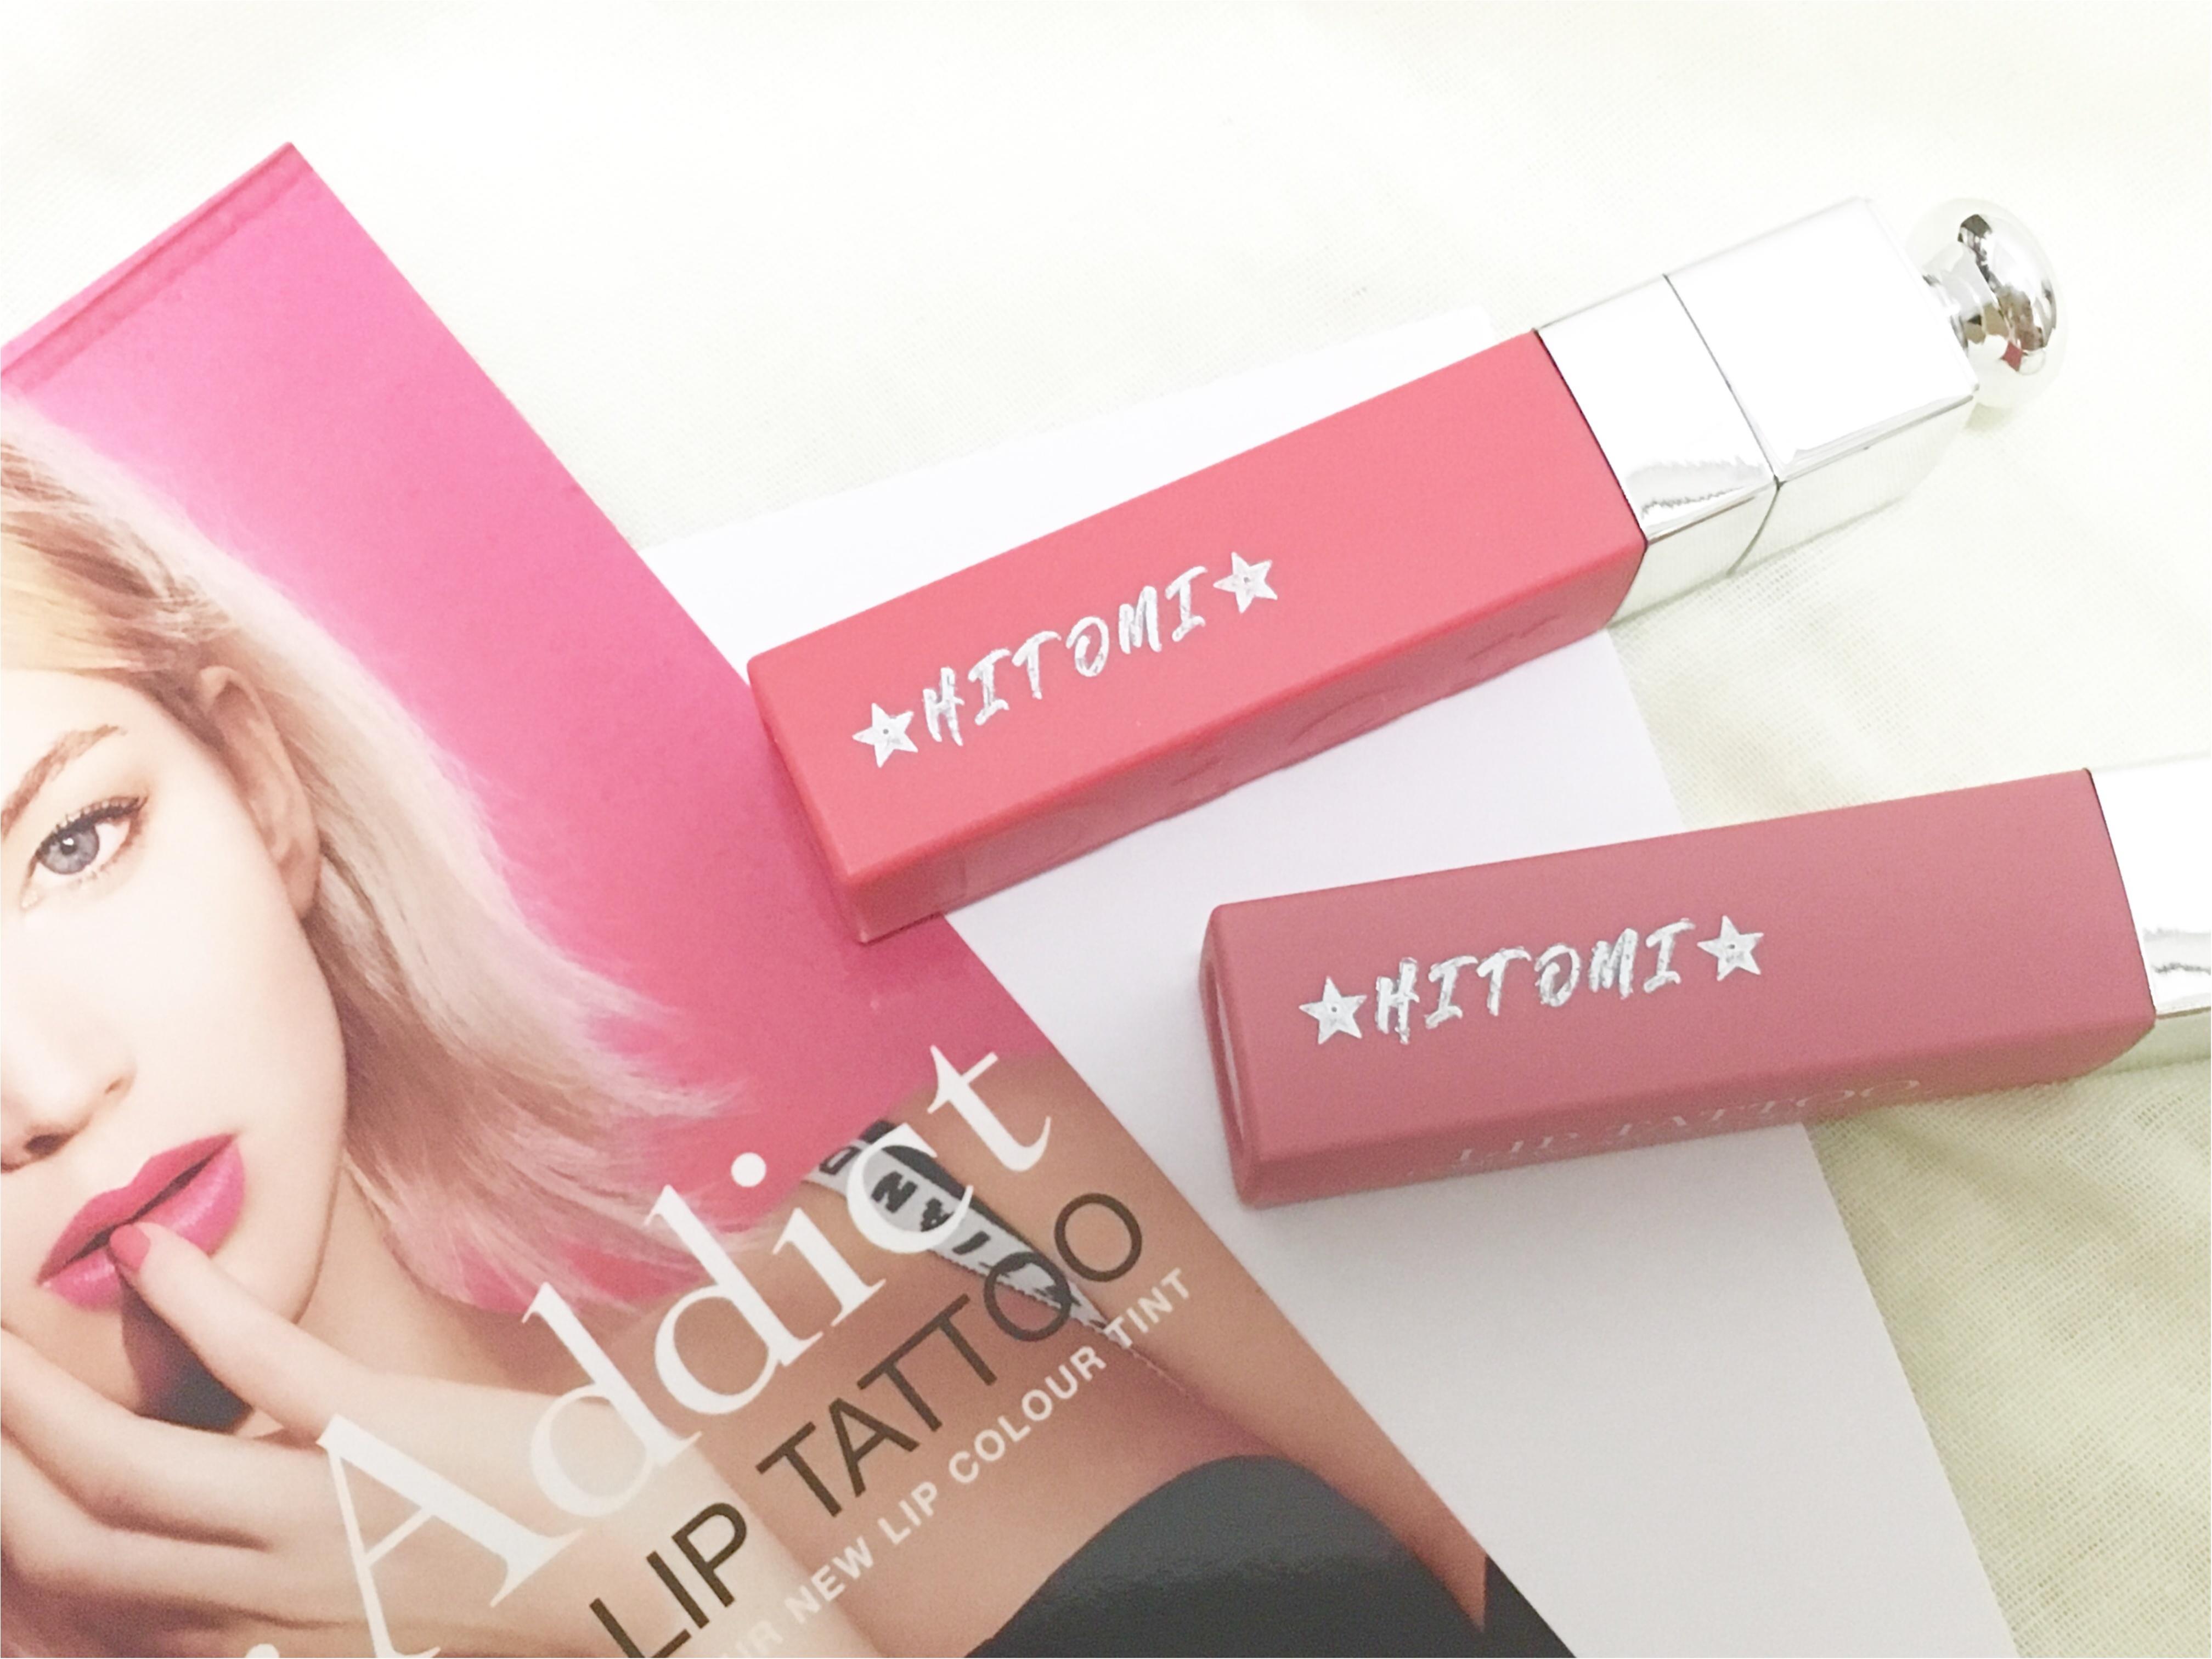 話題のリップが先行発売中❤️10時間耐久⁈【Dior ADDICT】リップタトゥーが超優秀!!_7